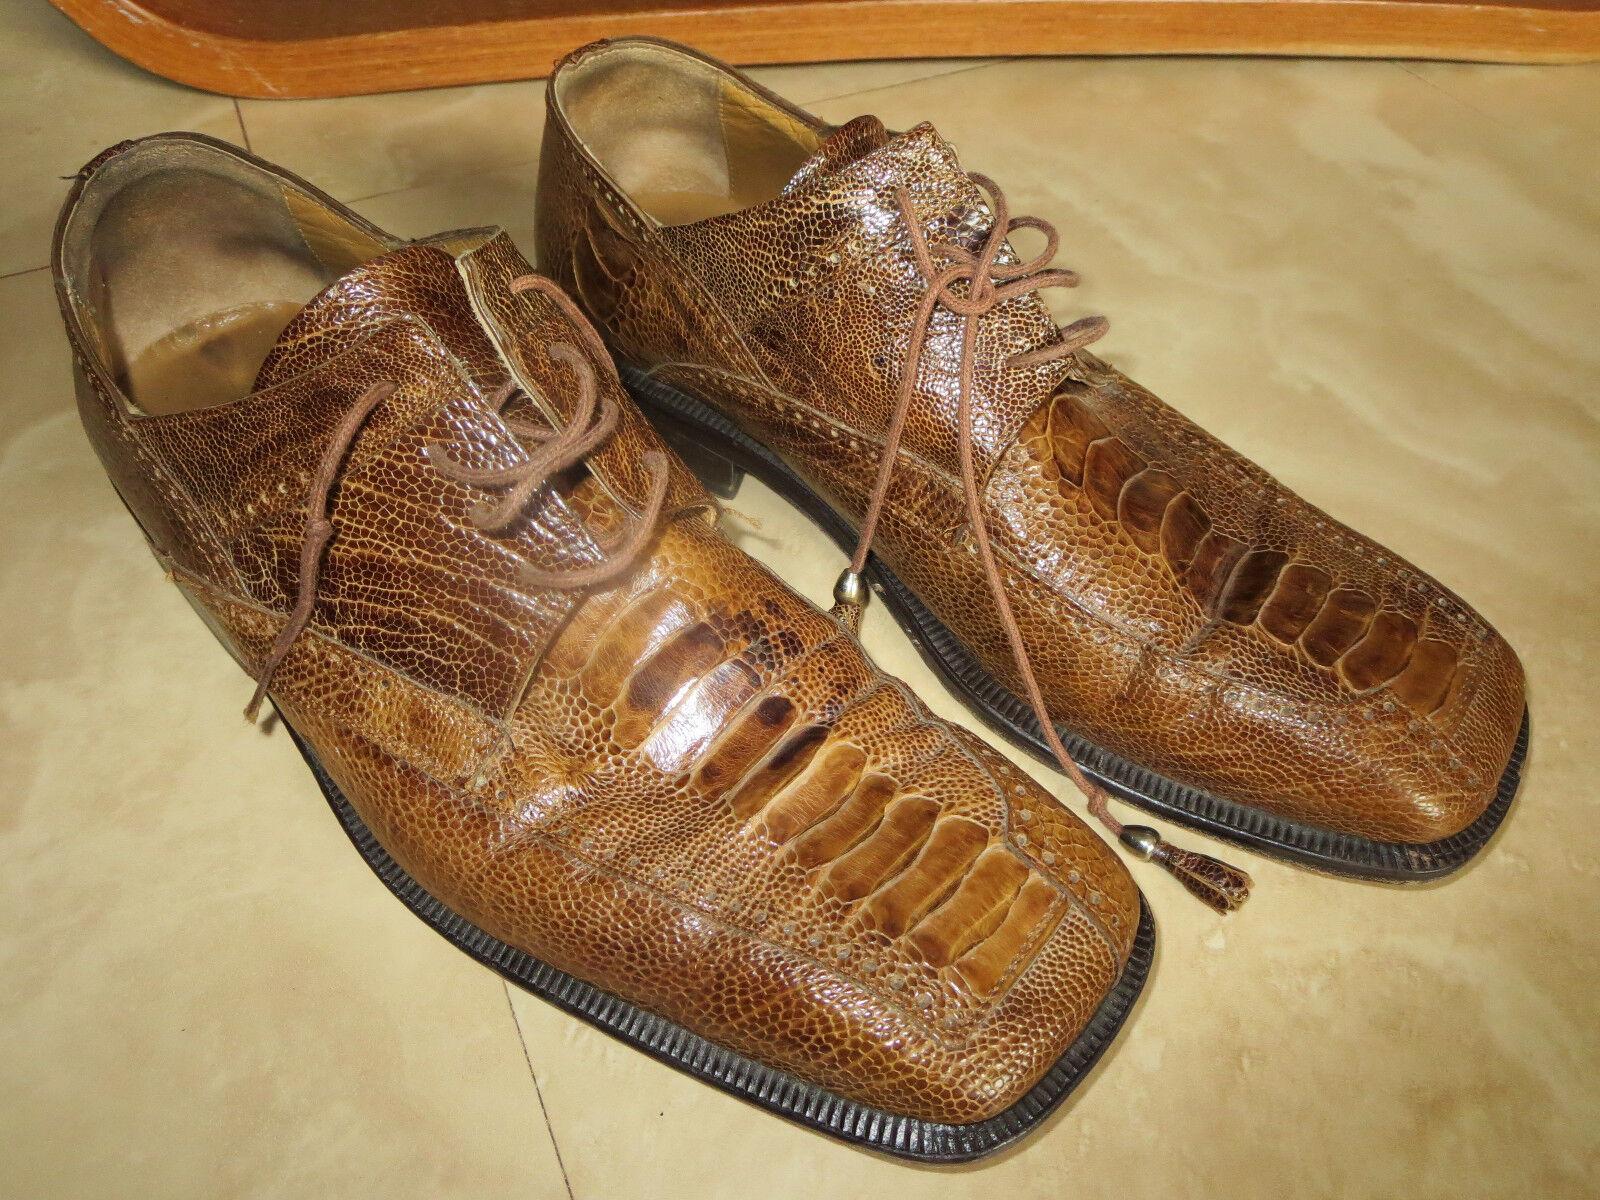 Sconto del 70% David Eden Marrone ostrich skin scarpe 9-1 9-1 9-1 2   prezzi più convenienti